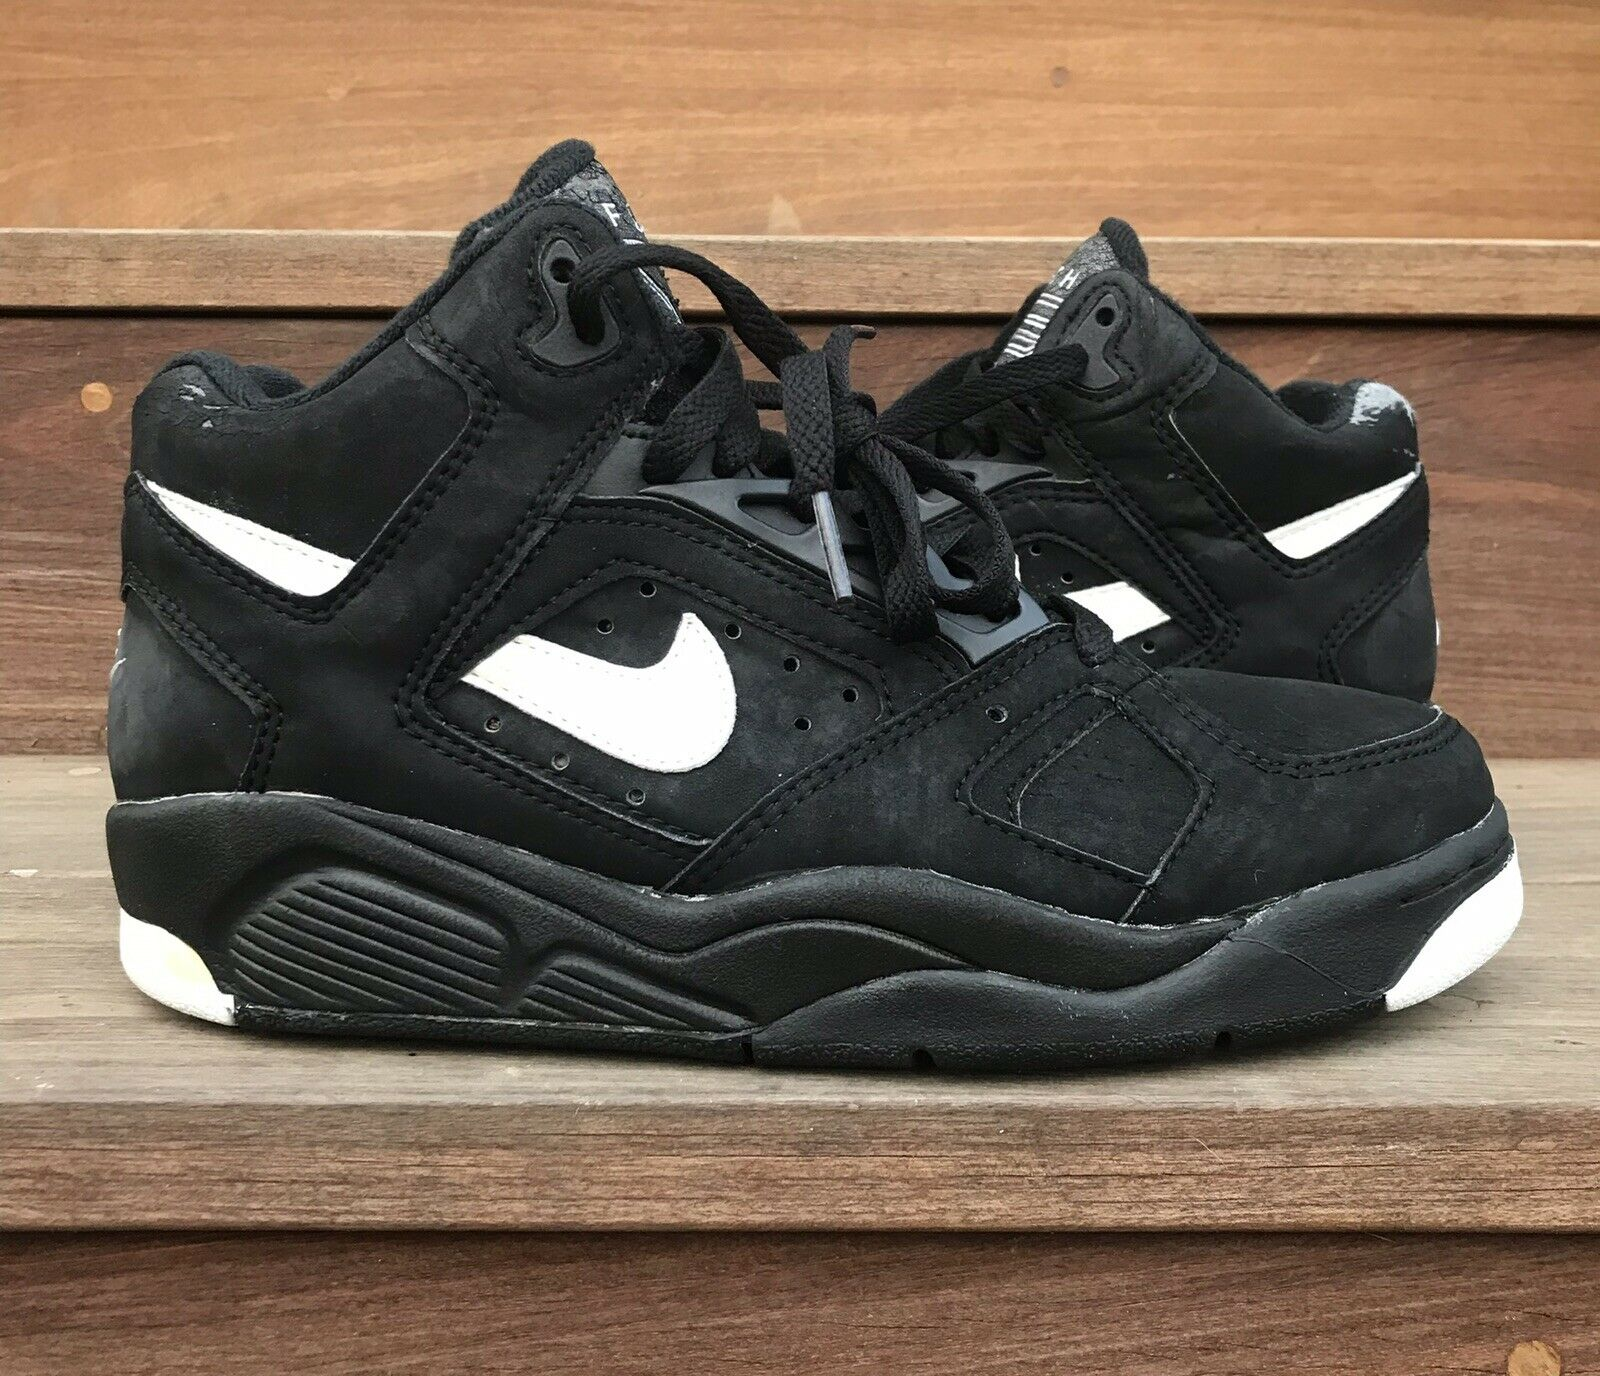 Vintage Nike Flight Lite Low OG Sz 8.5 Black White 1990 Original 1991 Basketball